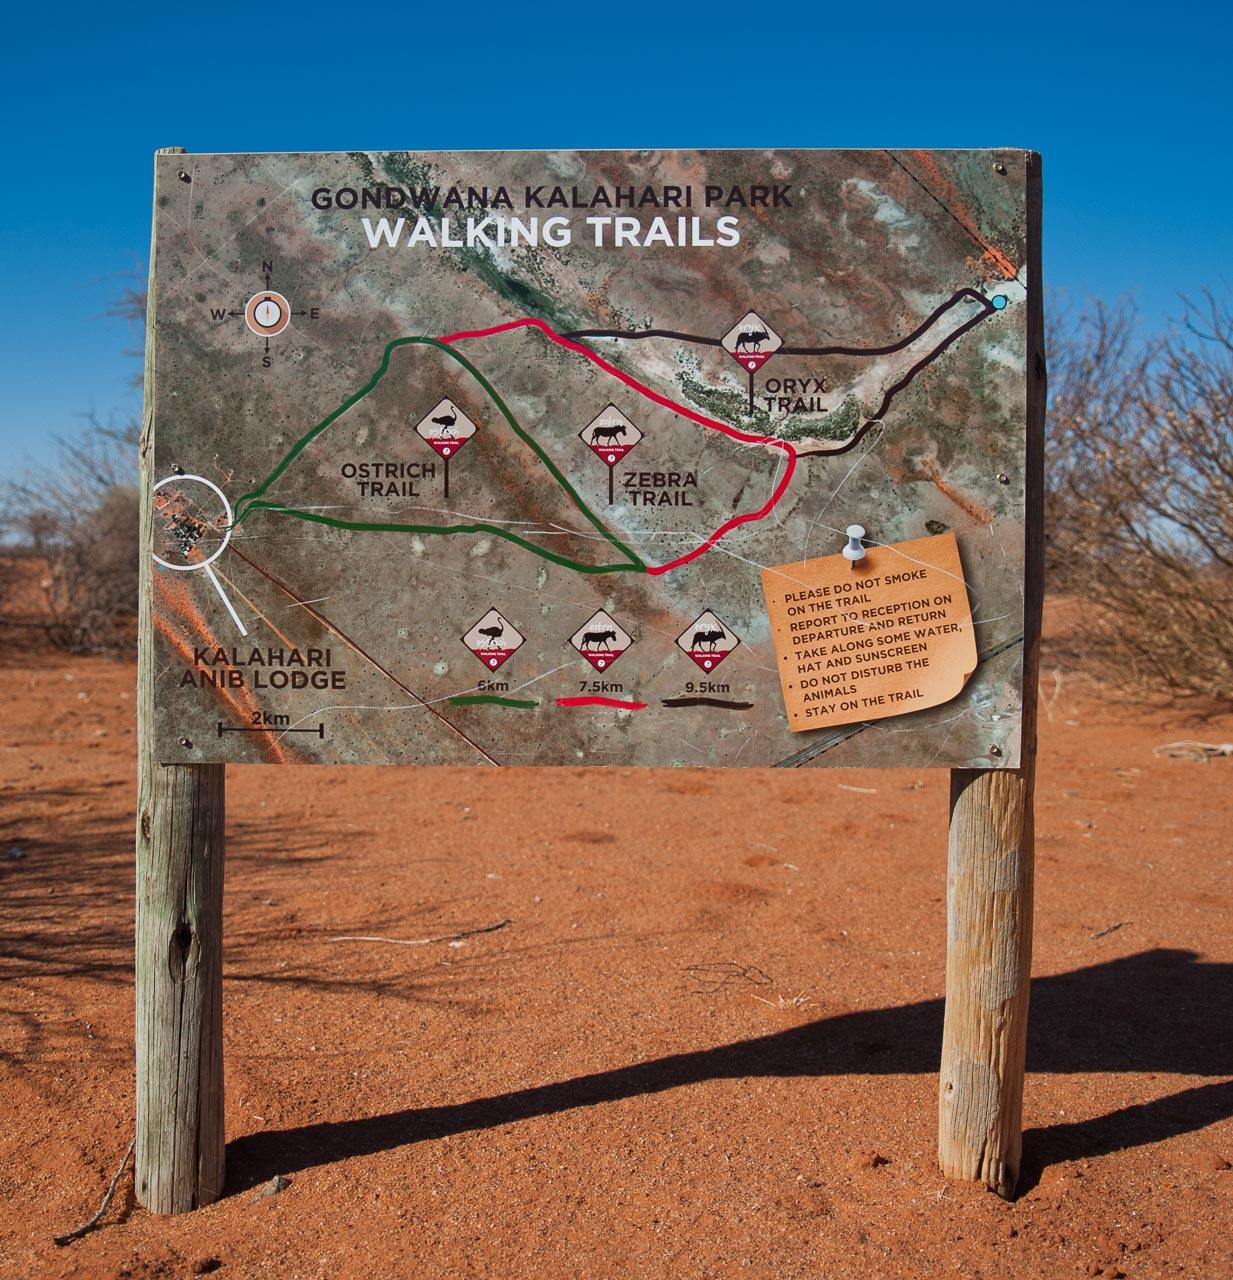 Kalahari-Anib-Lodge-39